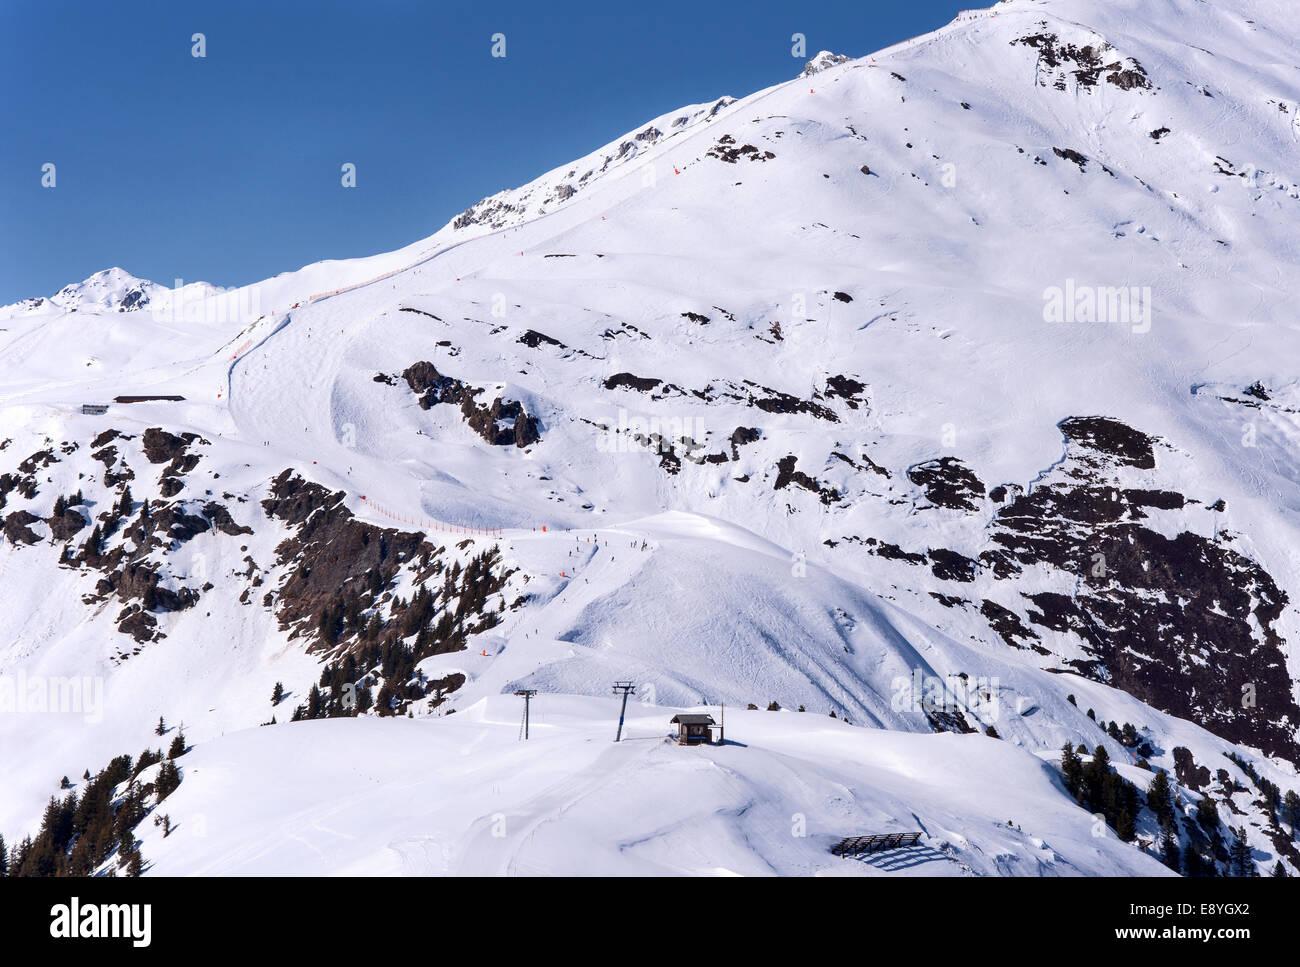 Ski run and piste in Mayrhofen ski resort in Zillertal Alps in Tirol, Austria - Stock Image